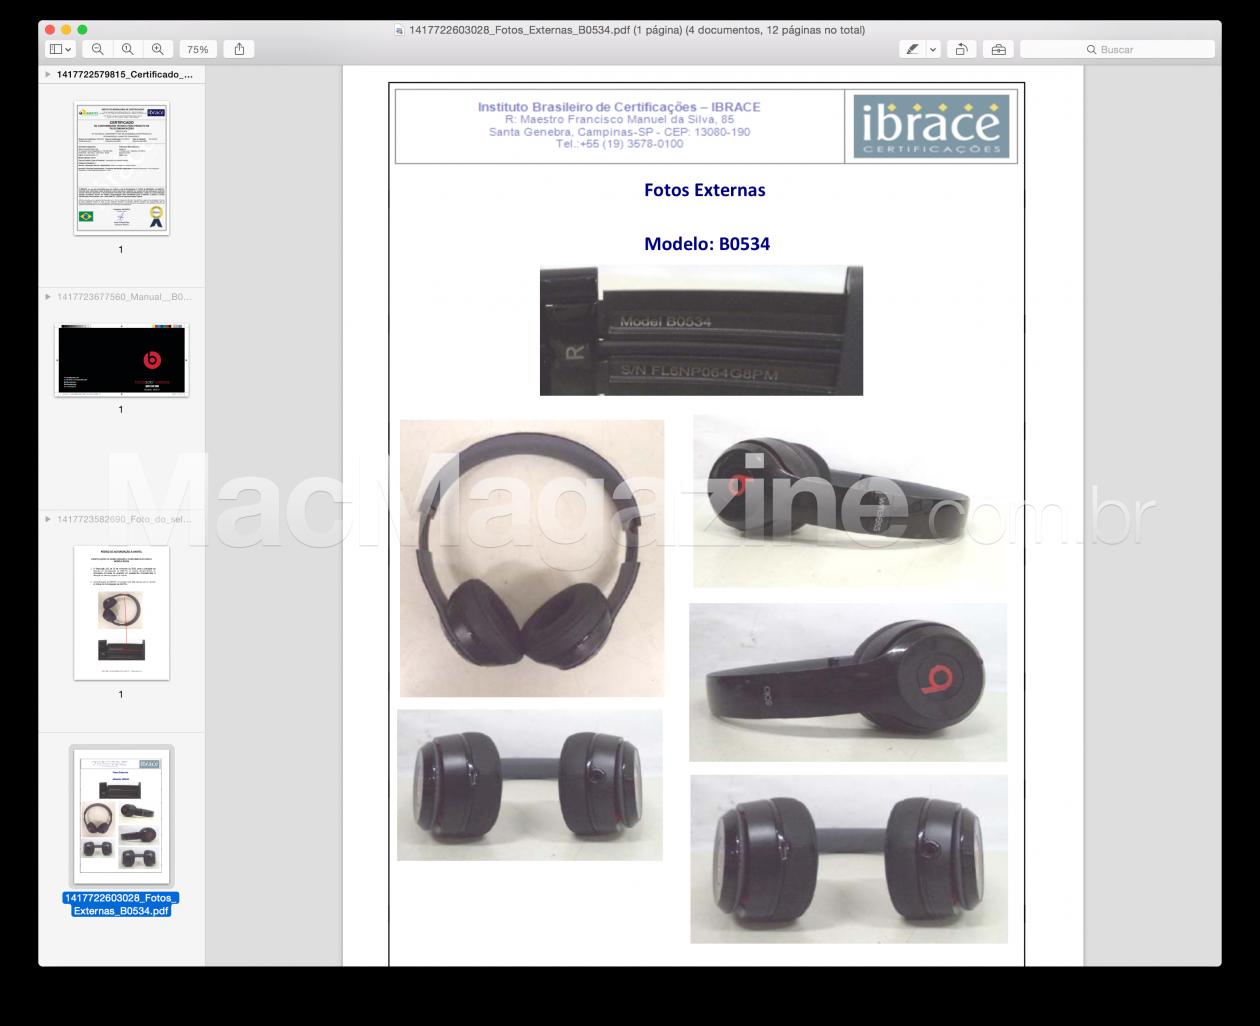 Anatel - Homologação do Beats Solo2 Wireless